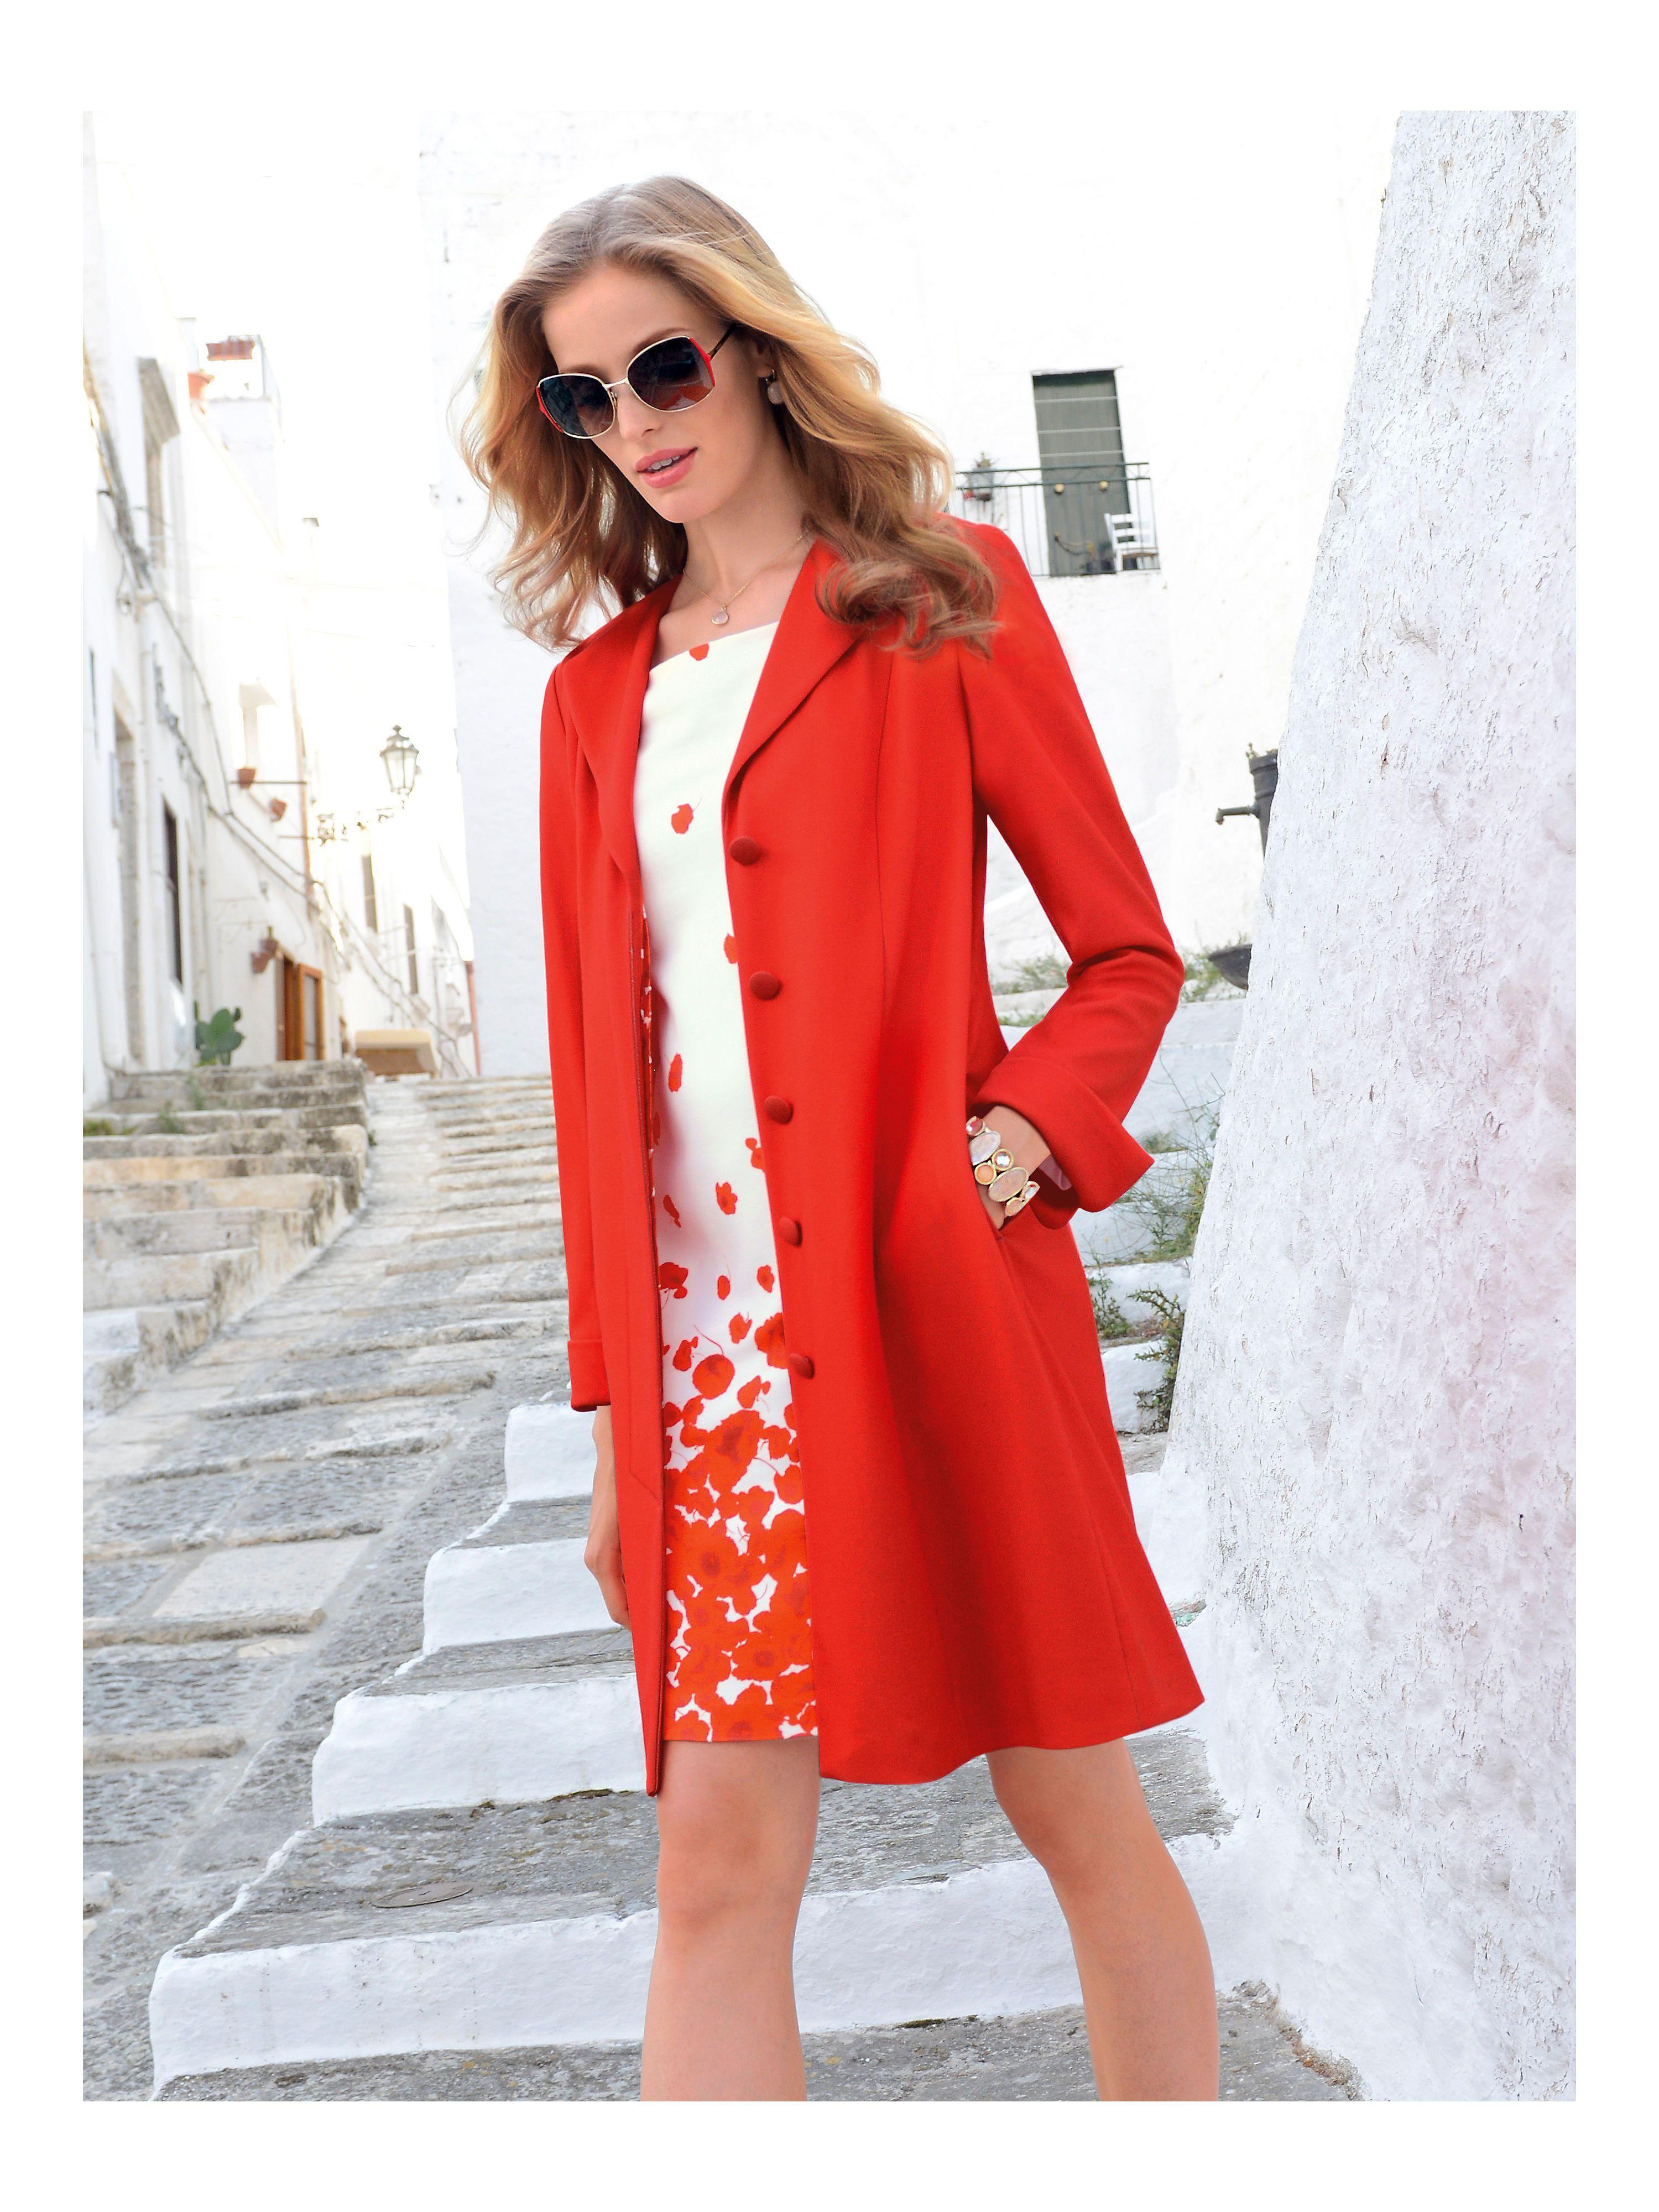 Jersey-Gehrock von Uta Raasch – ein Fashion-Piece in strahlender Farbgebung. Schlanke, elegante Silhouette mit Längsteilungsnähten, Ärmel mit Schlitz zum Umschlagen, seitlichen Nahttaschen und verdecktem Gehschlitz im Rückteil. 249,95€